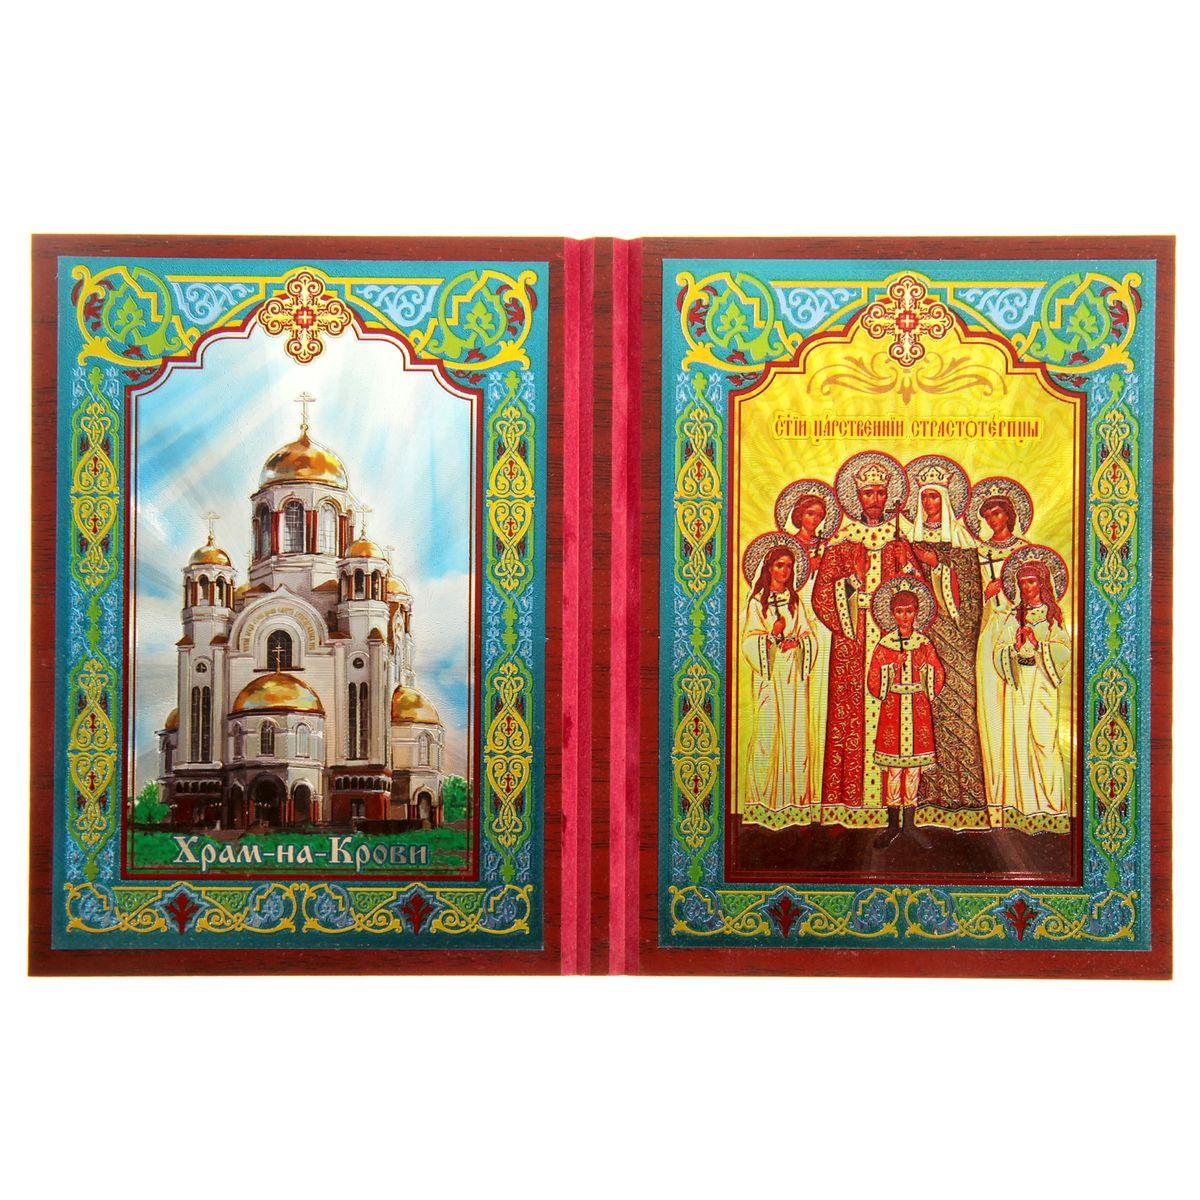 Складень-икона Sima-land Храм-на-Крови - Святые Царственные Страстотерпцы, 2 шт832274Складень-икона Sima-land Храм-на-Крови - Святые Царственные Страстотерпцы - это икона на деревянной основе, выполненная в виде двух складывающихся створок. Внутри расположены две прямоугольные иконы с изображением святых. Такая икона будет прекрасным подарком с духовной составляющей. Размер (в сложенном виде): 11 см х 14 см х 1 см. Размер иконы: 9 см х 13 см.